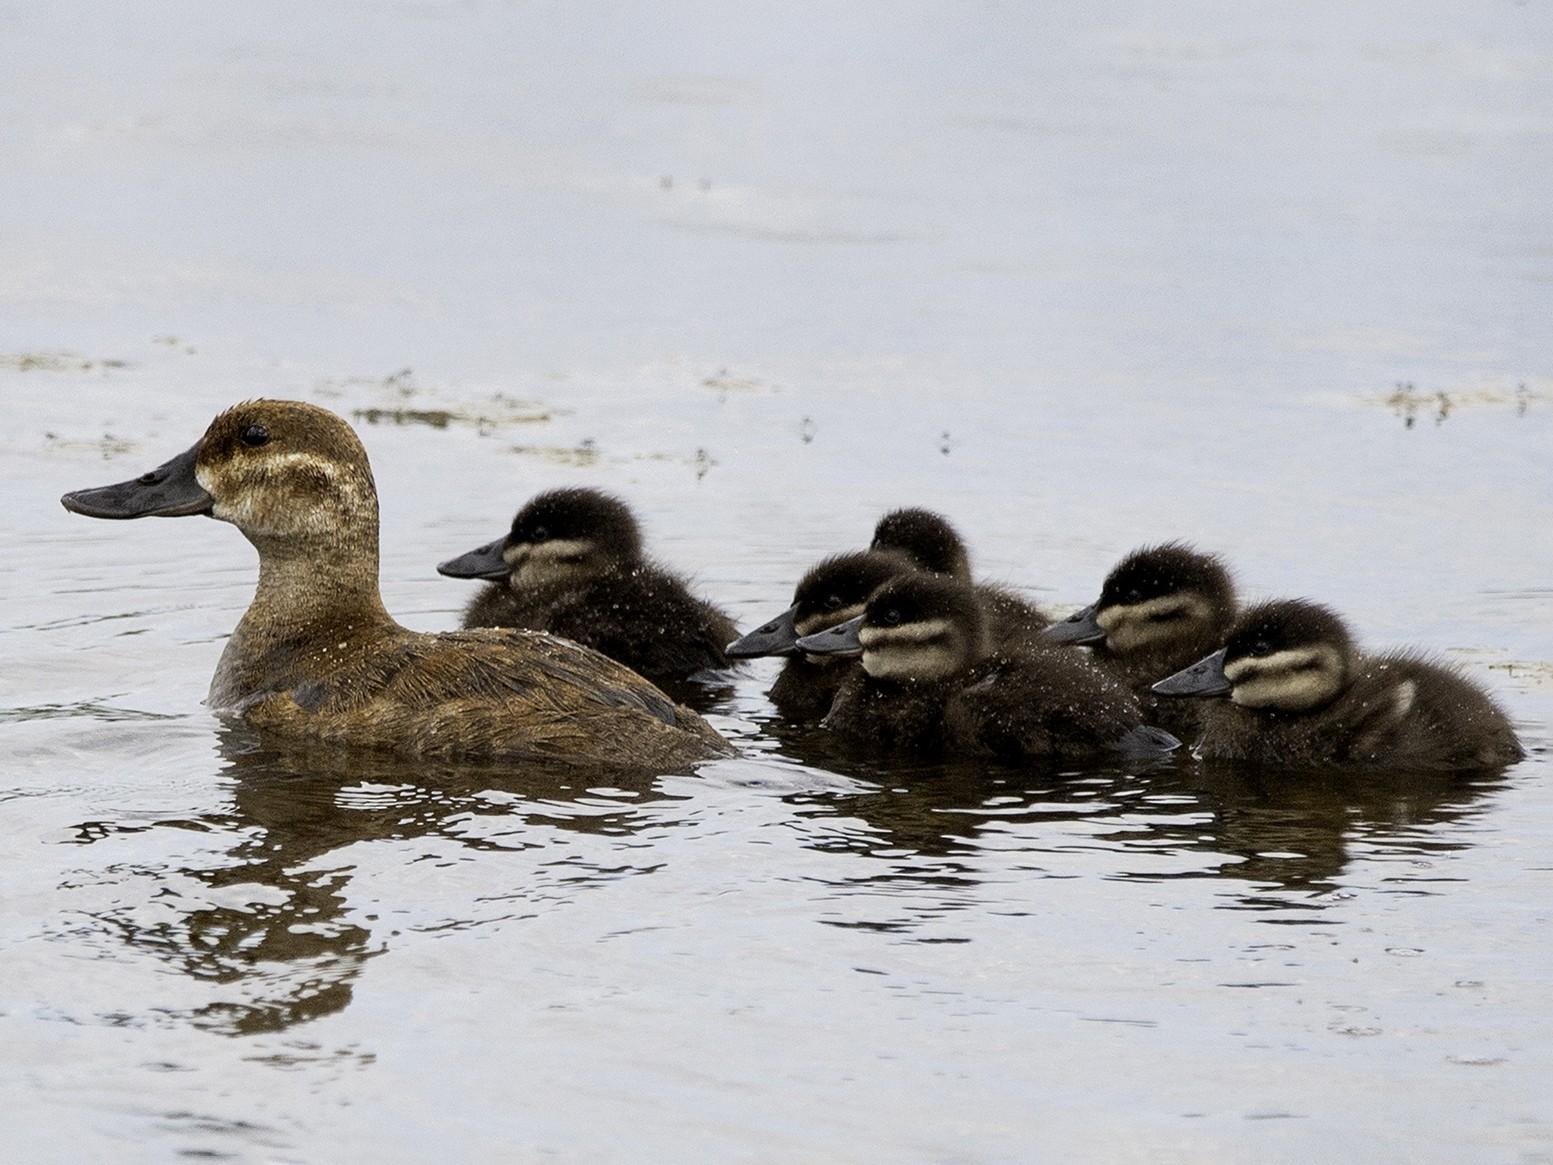 Ruddy Duck - Cam Nikkel